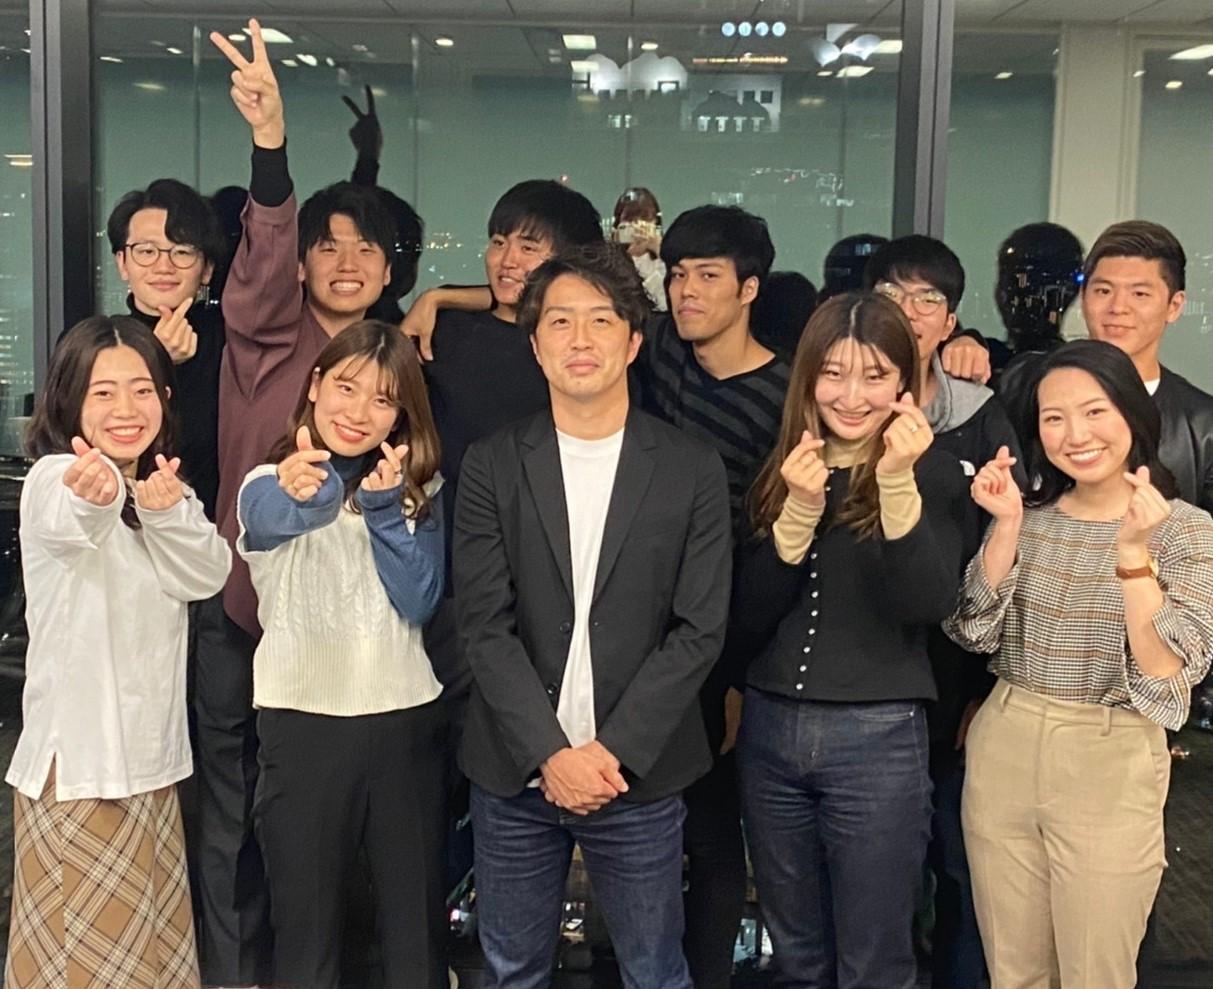 (株)ADKクリエイティブ・ワン 関西第2コミュニケーション・プランニンググループ プランニング・ディレクター